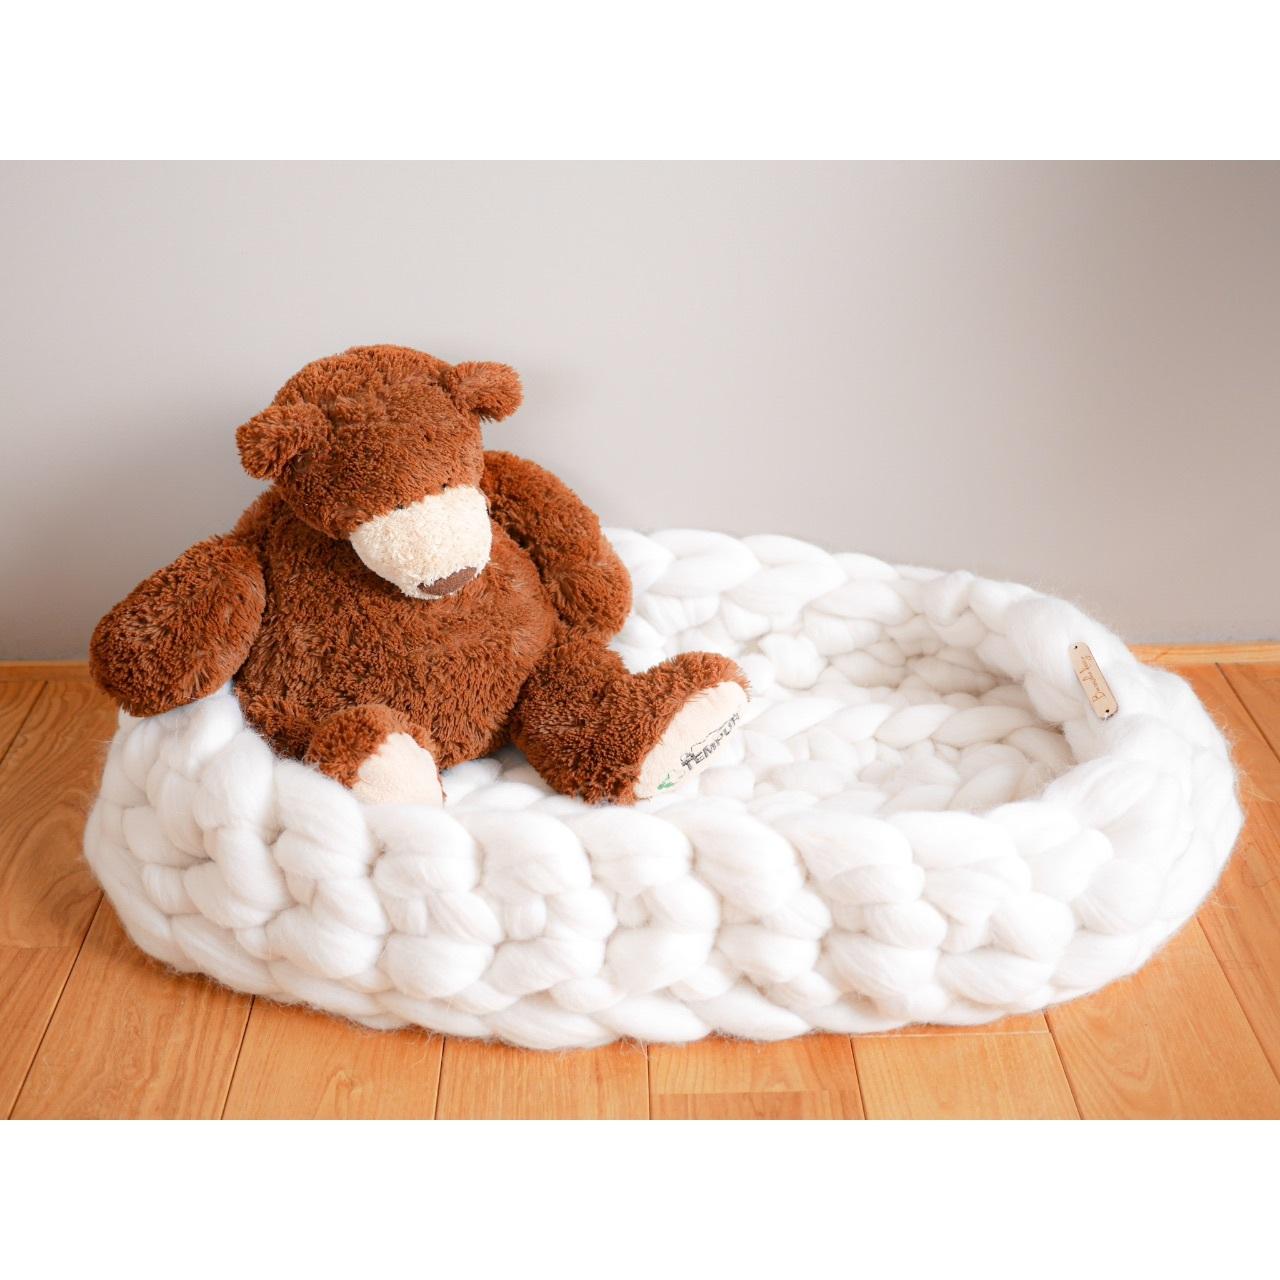 Chunky Merino Wool Baby Nest